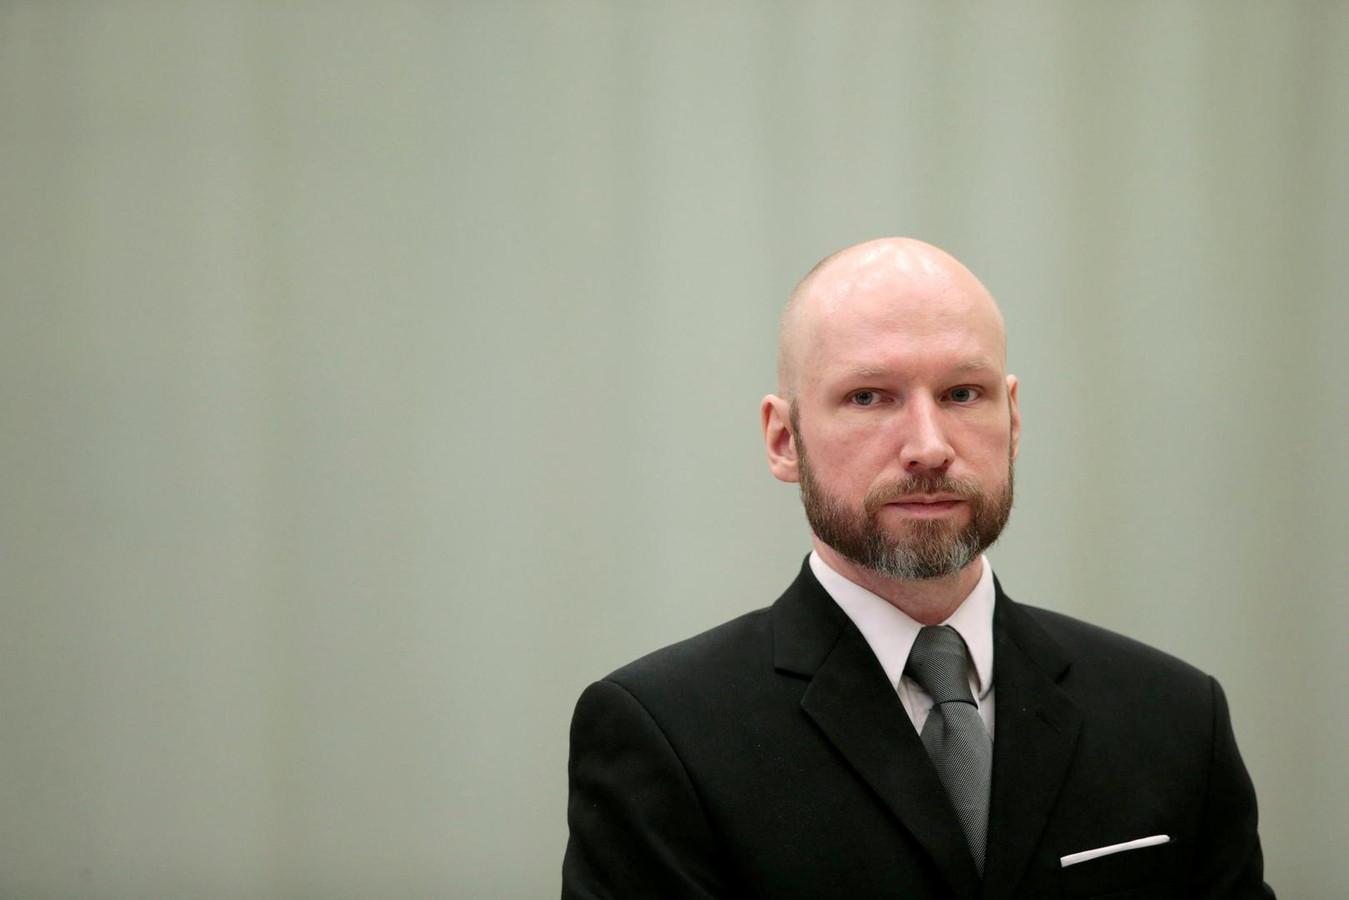 Anders Behring Breivik in de rechtbank in 2017.